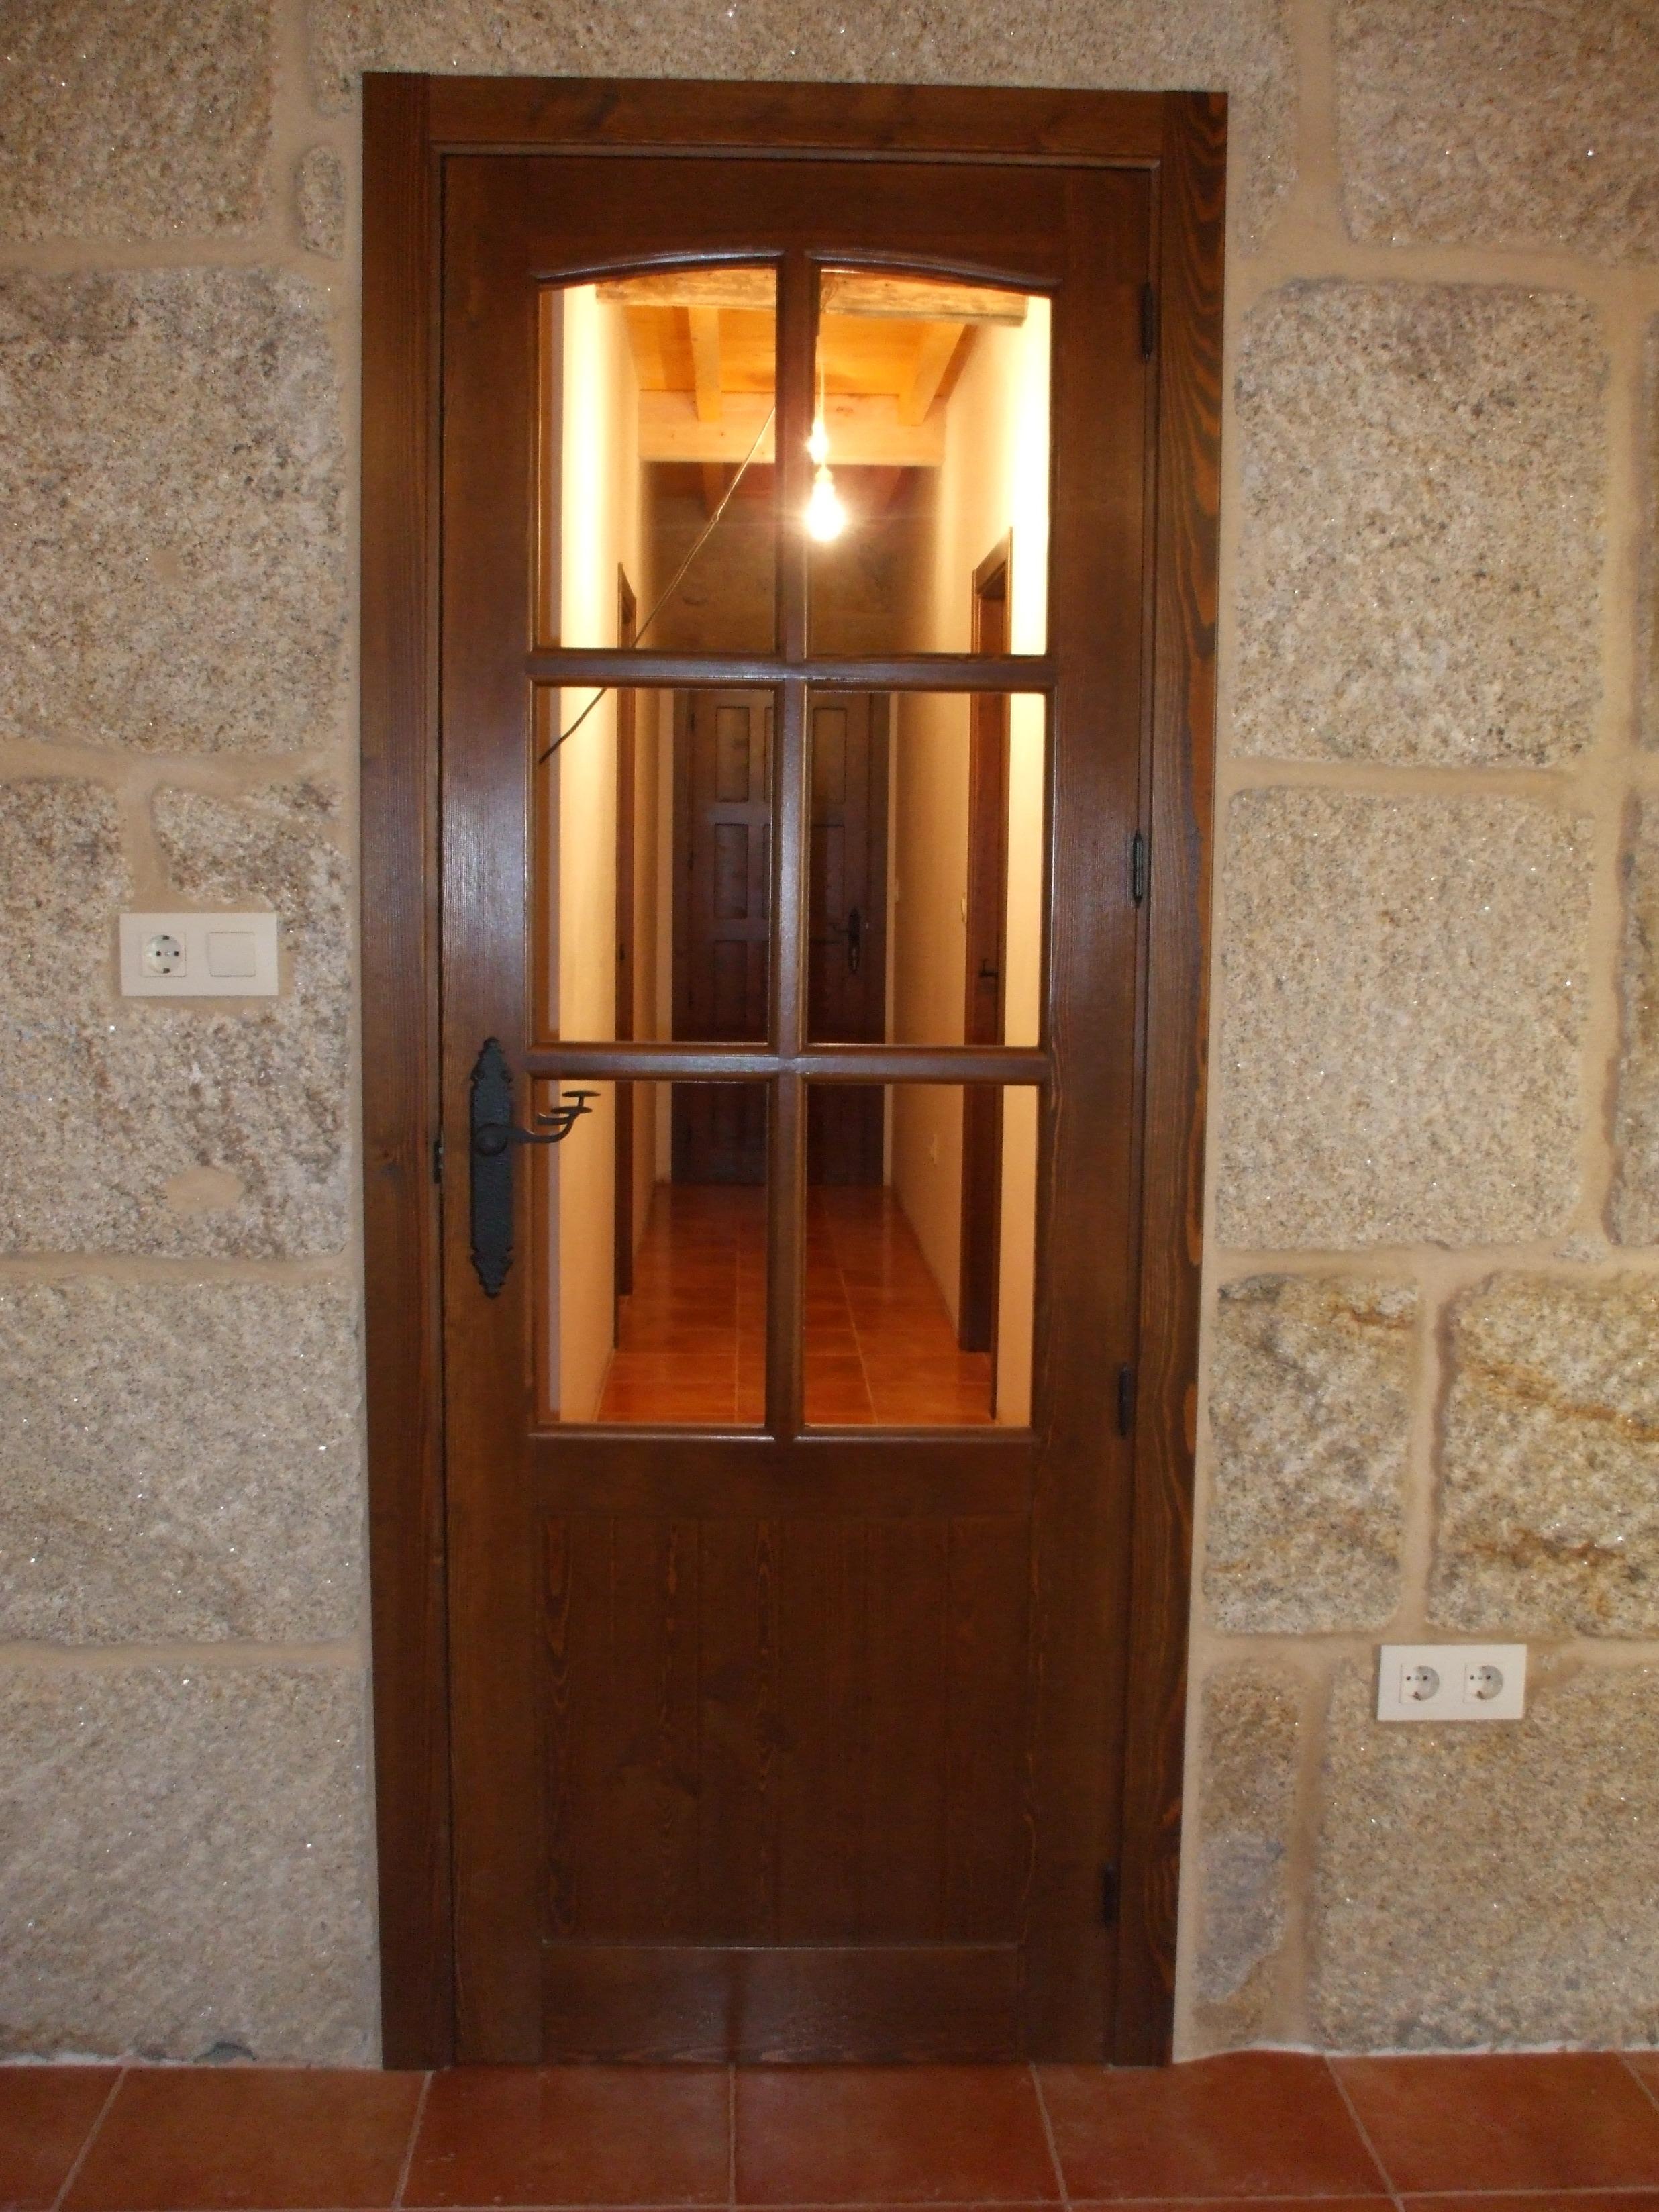 Puerta interior r stica modelo cuenca curva puertas for Puertas rusticas interior baratas